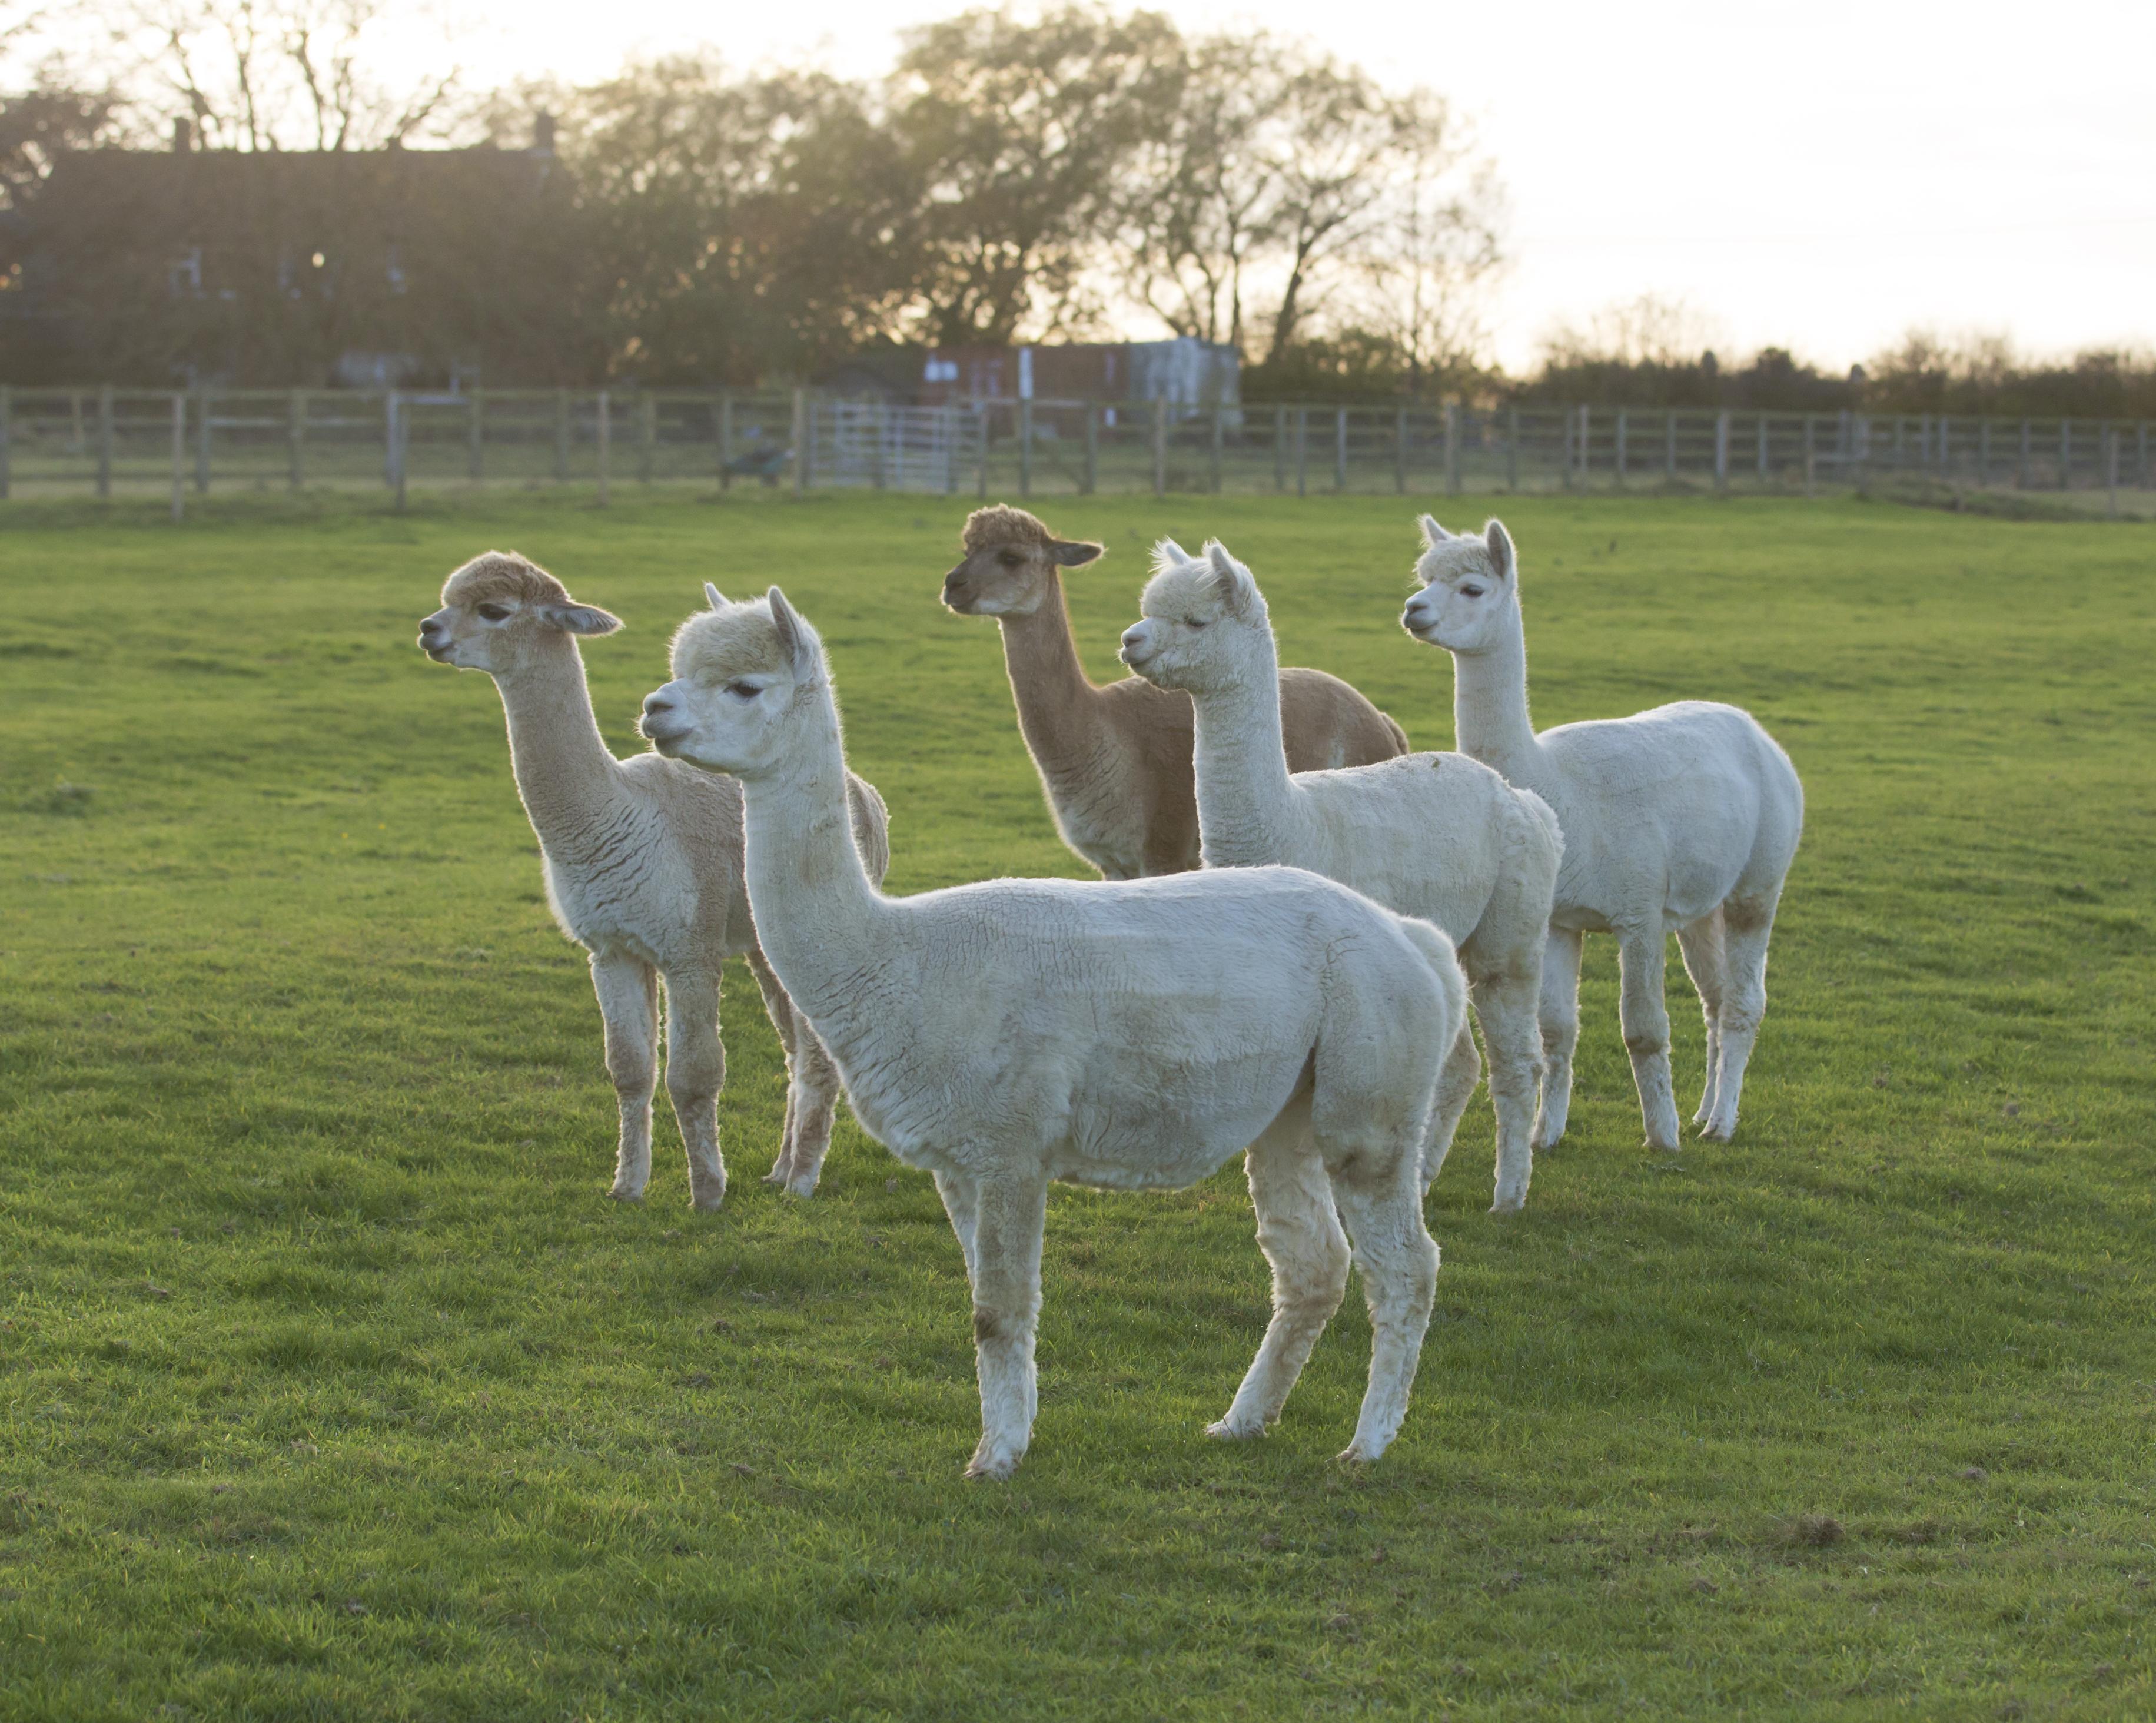 Alpacas in field